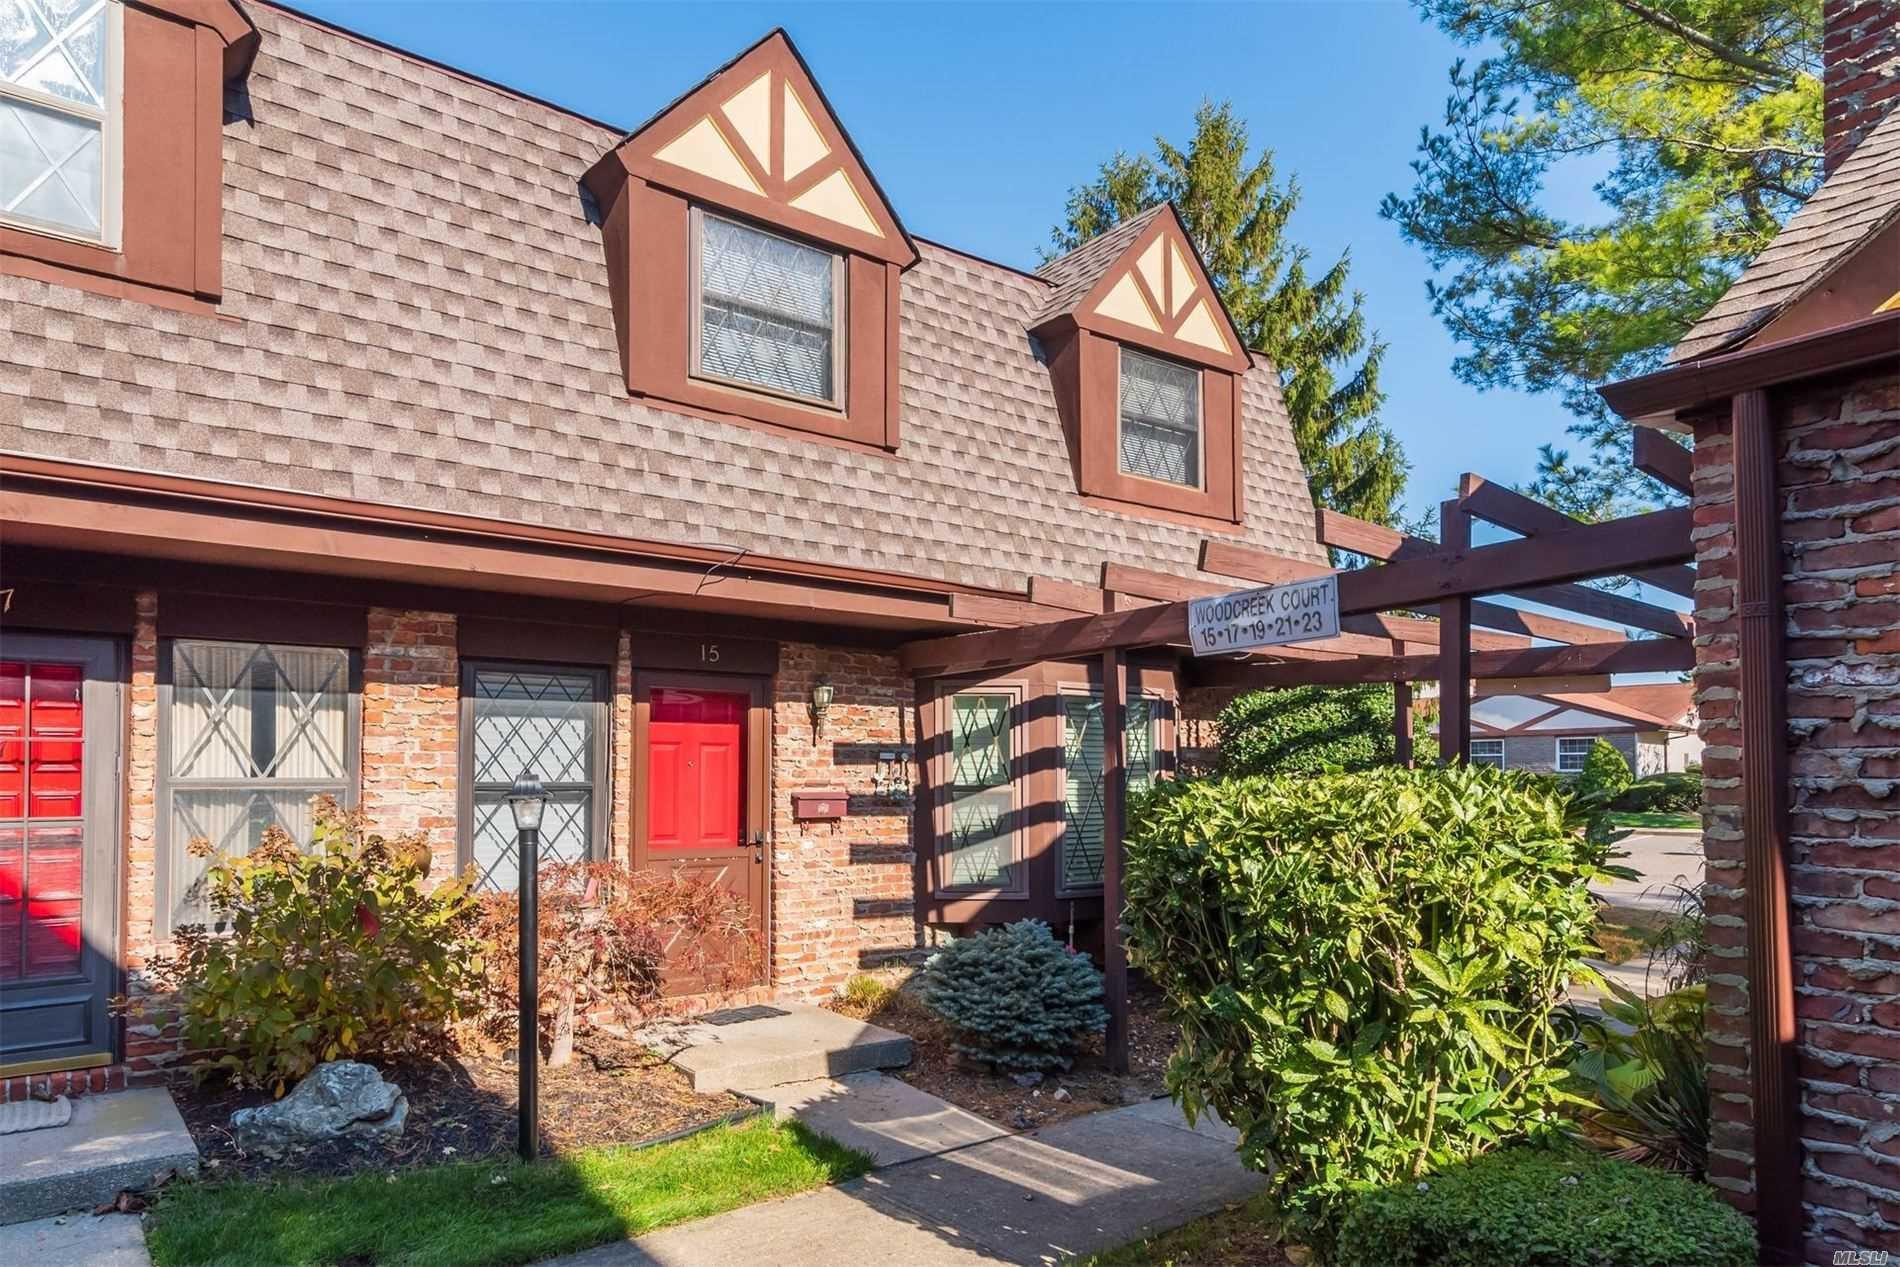 Property for sale at 15 Woodcreek Court, Deer Park NY 11729, Deer Park,  New York 11729